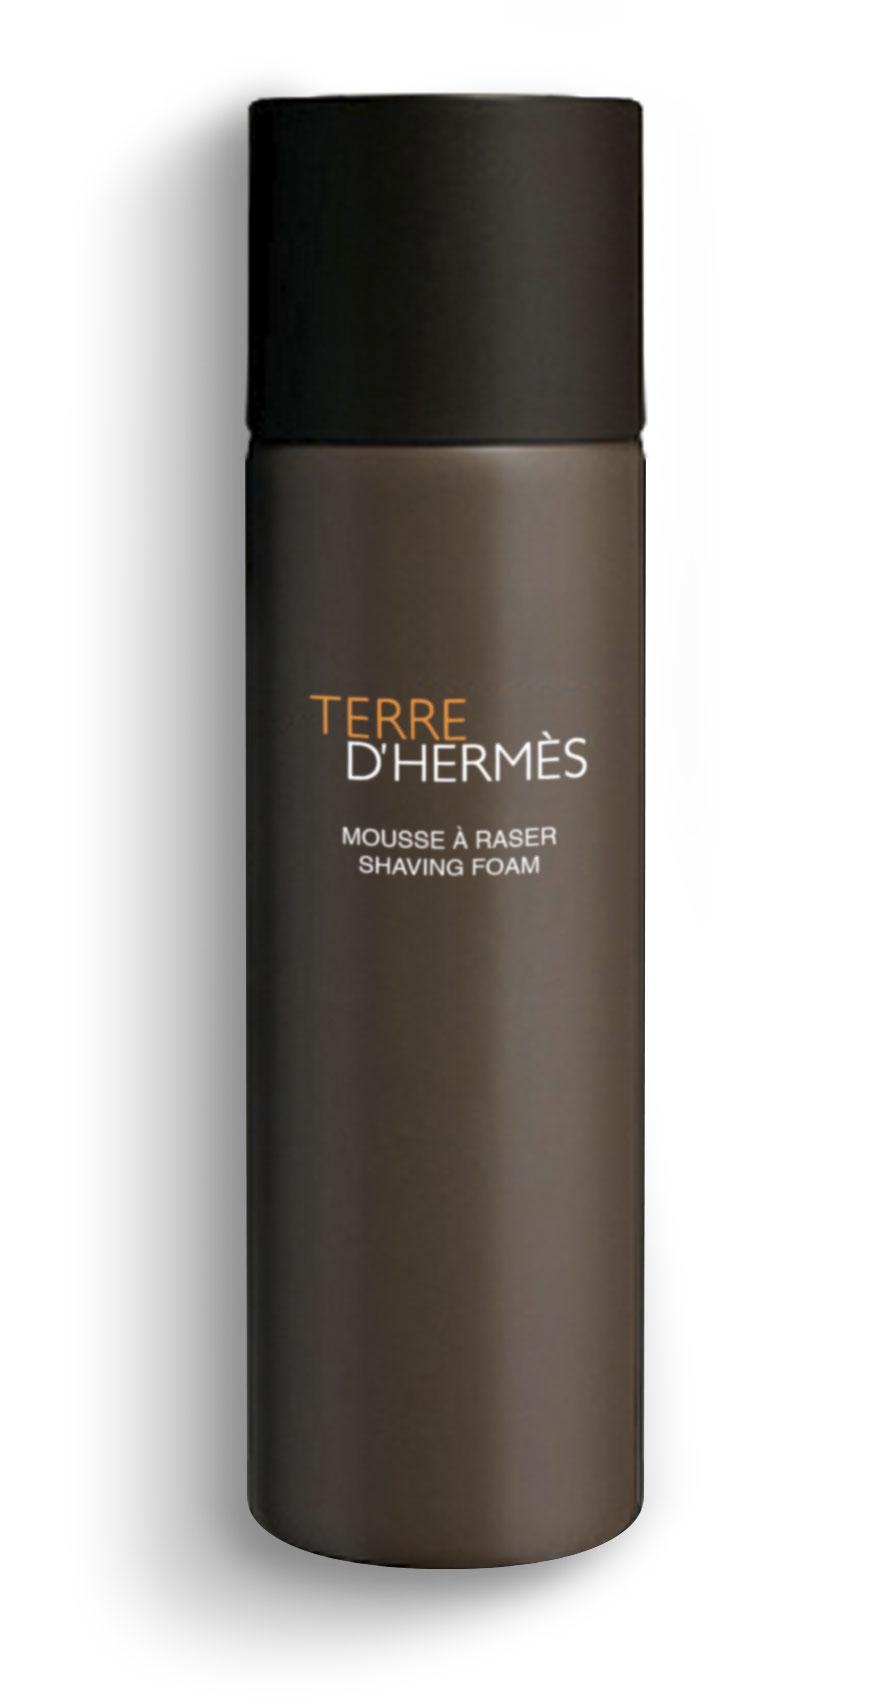 Hermès - Terre d'Hermès - Mousse à raser 200 ml.